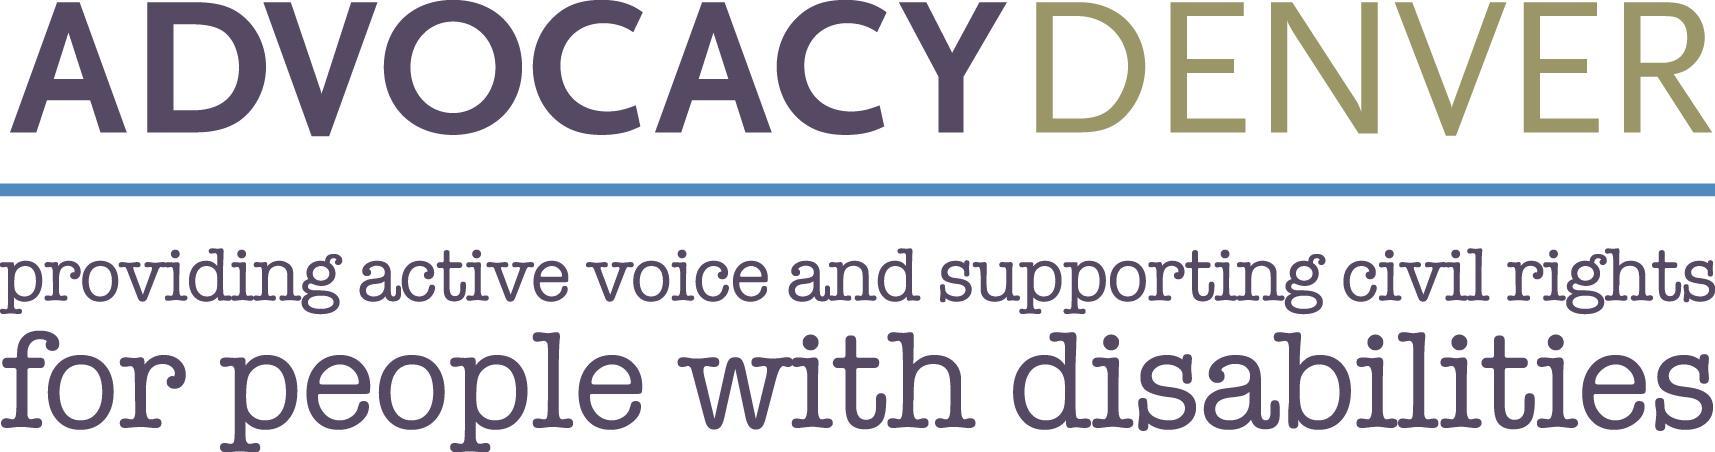 Advocacy Denver Logo